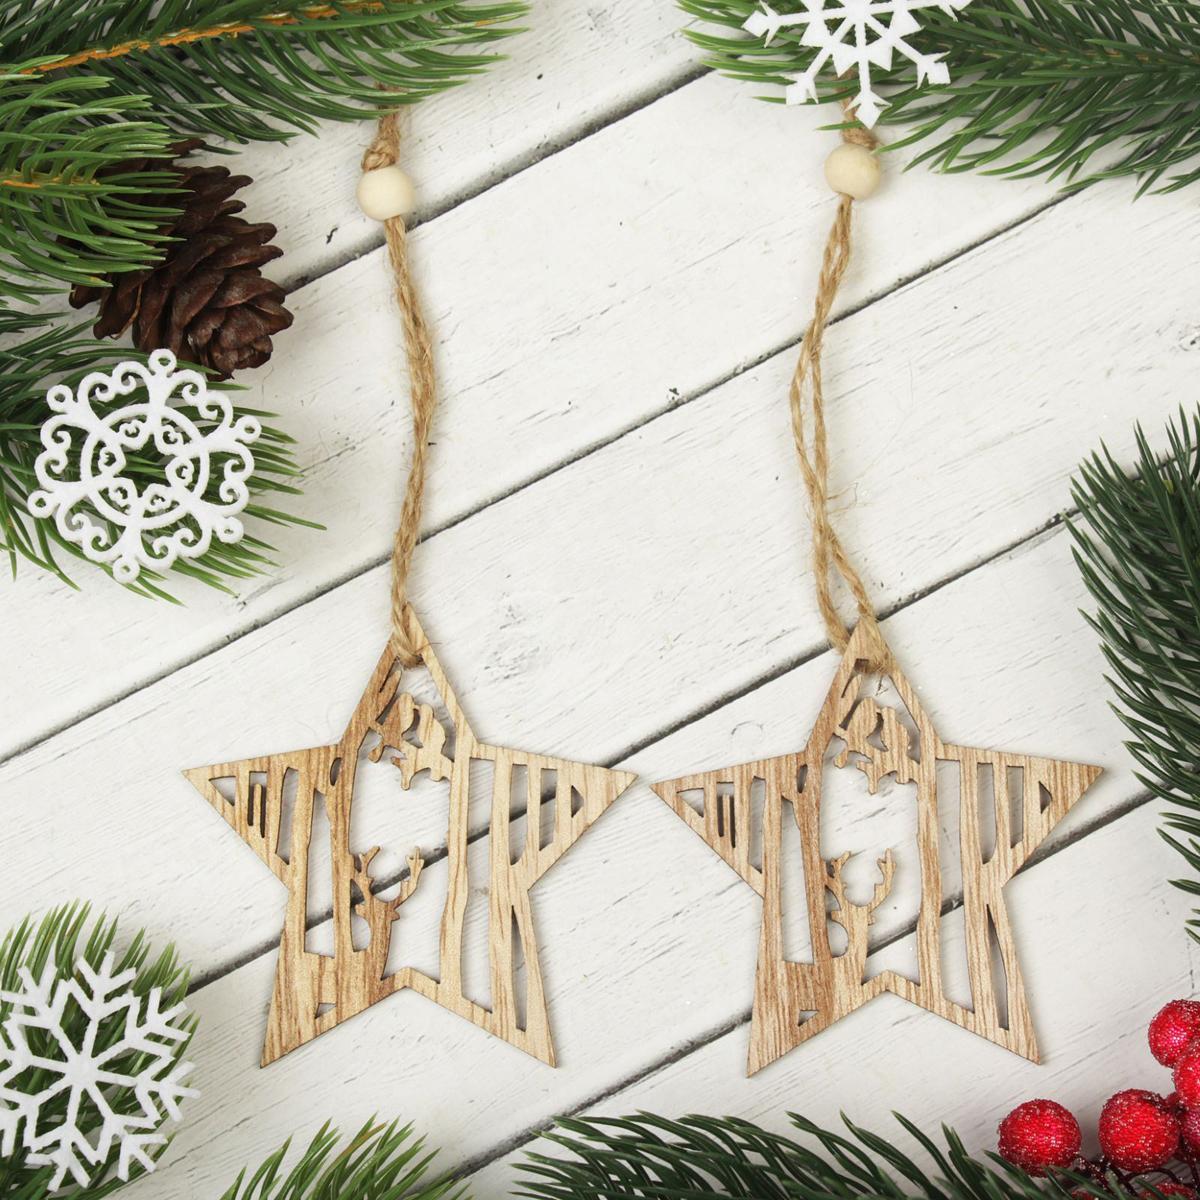 Украшение новогоднее подвесное Зимний лес, 2 шт2303258Набор новогодних подвесных украшений, выполненных из дерева, отлично подойдет для декорации вашего дома и новогодней ели. С помощью специальной петельки украшение можно повесить в любом понравившемся вам месте. Но, конечно, удачнее всего оно будет смотреться на праздничной елке.Елочная игрушка - символ Нового года. Она несет в себе волшебство и красоту праздника. Такое украшение создаст в вашем доме атмосферу праздника, веселья и радости.В комплекте 2 украшения.